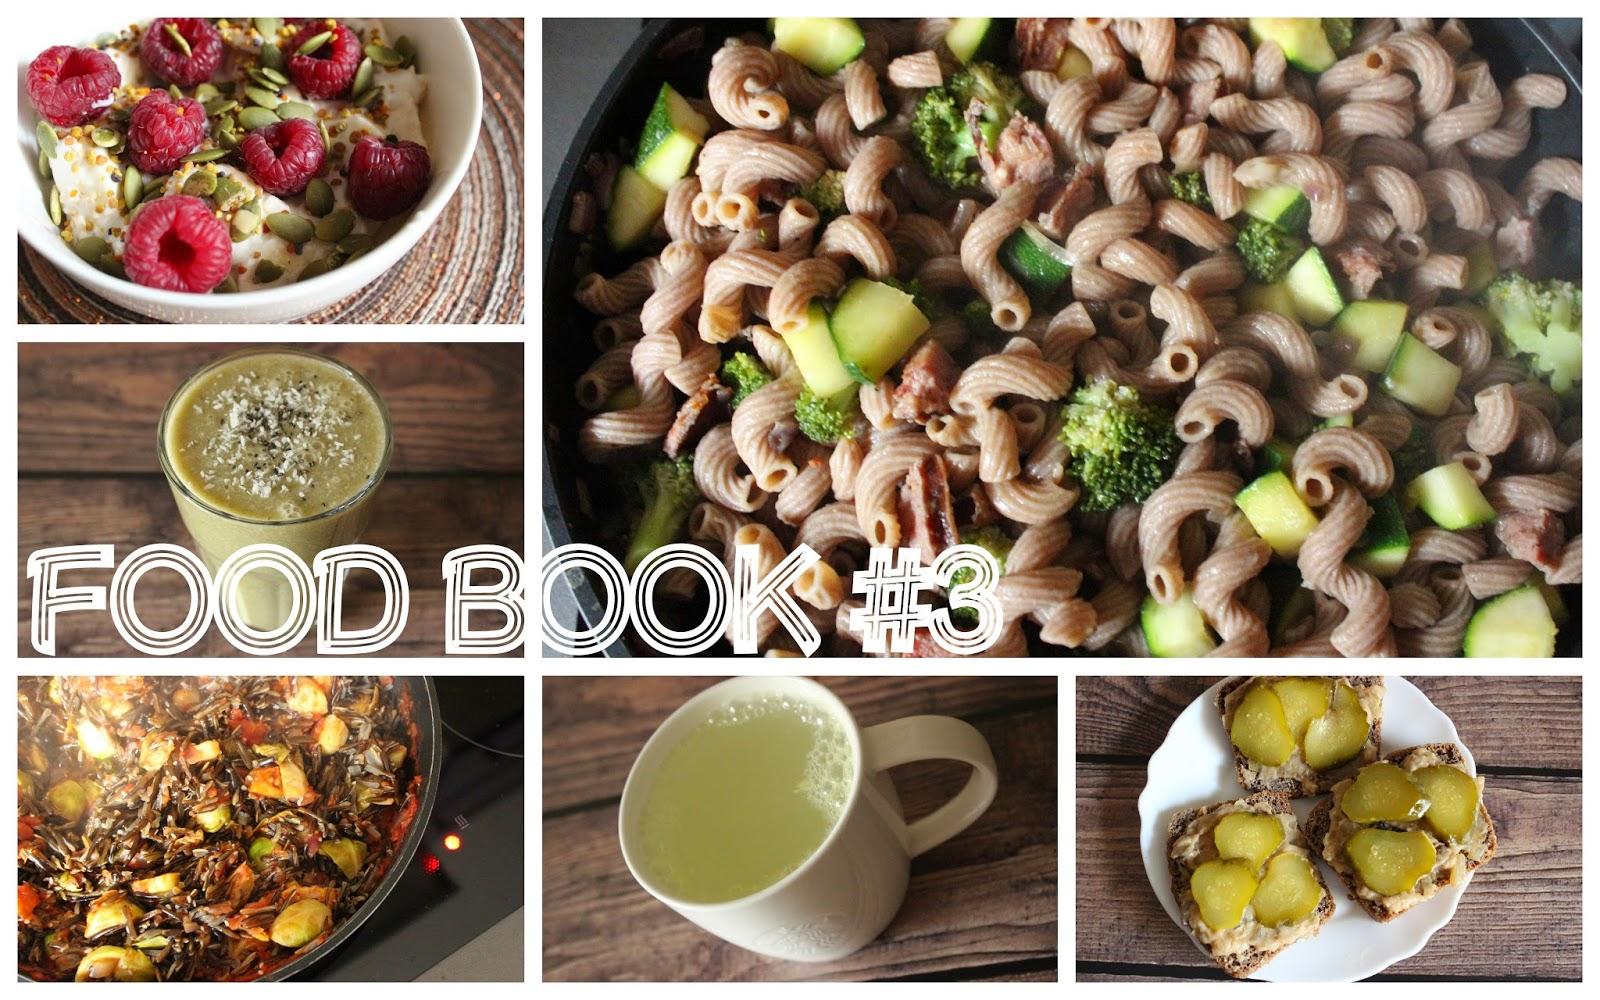 FOOD BOOK #3